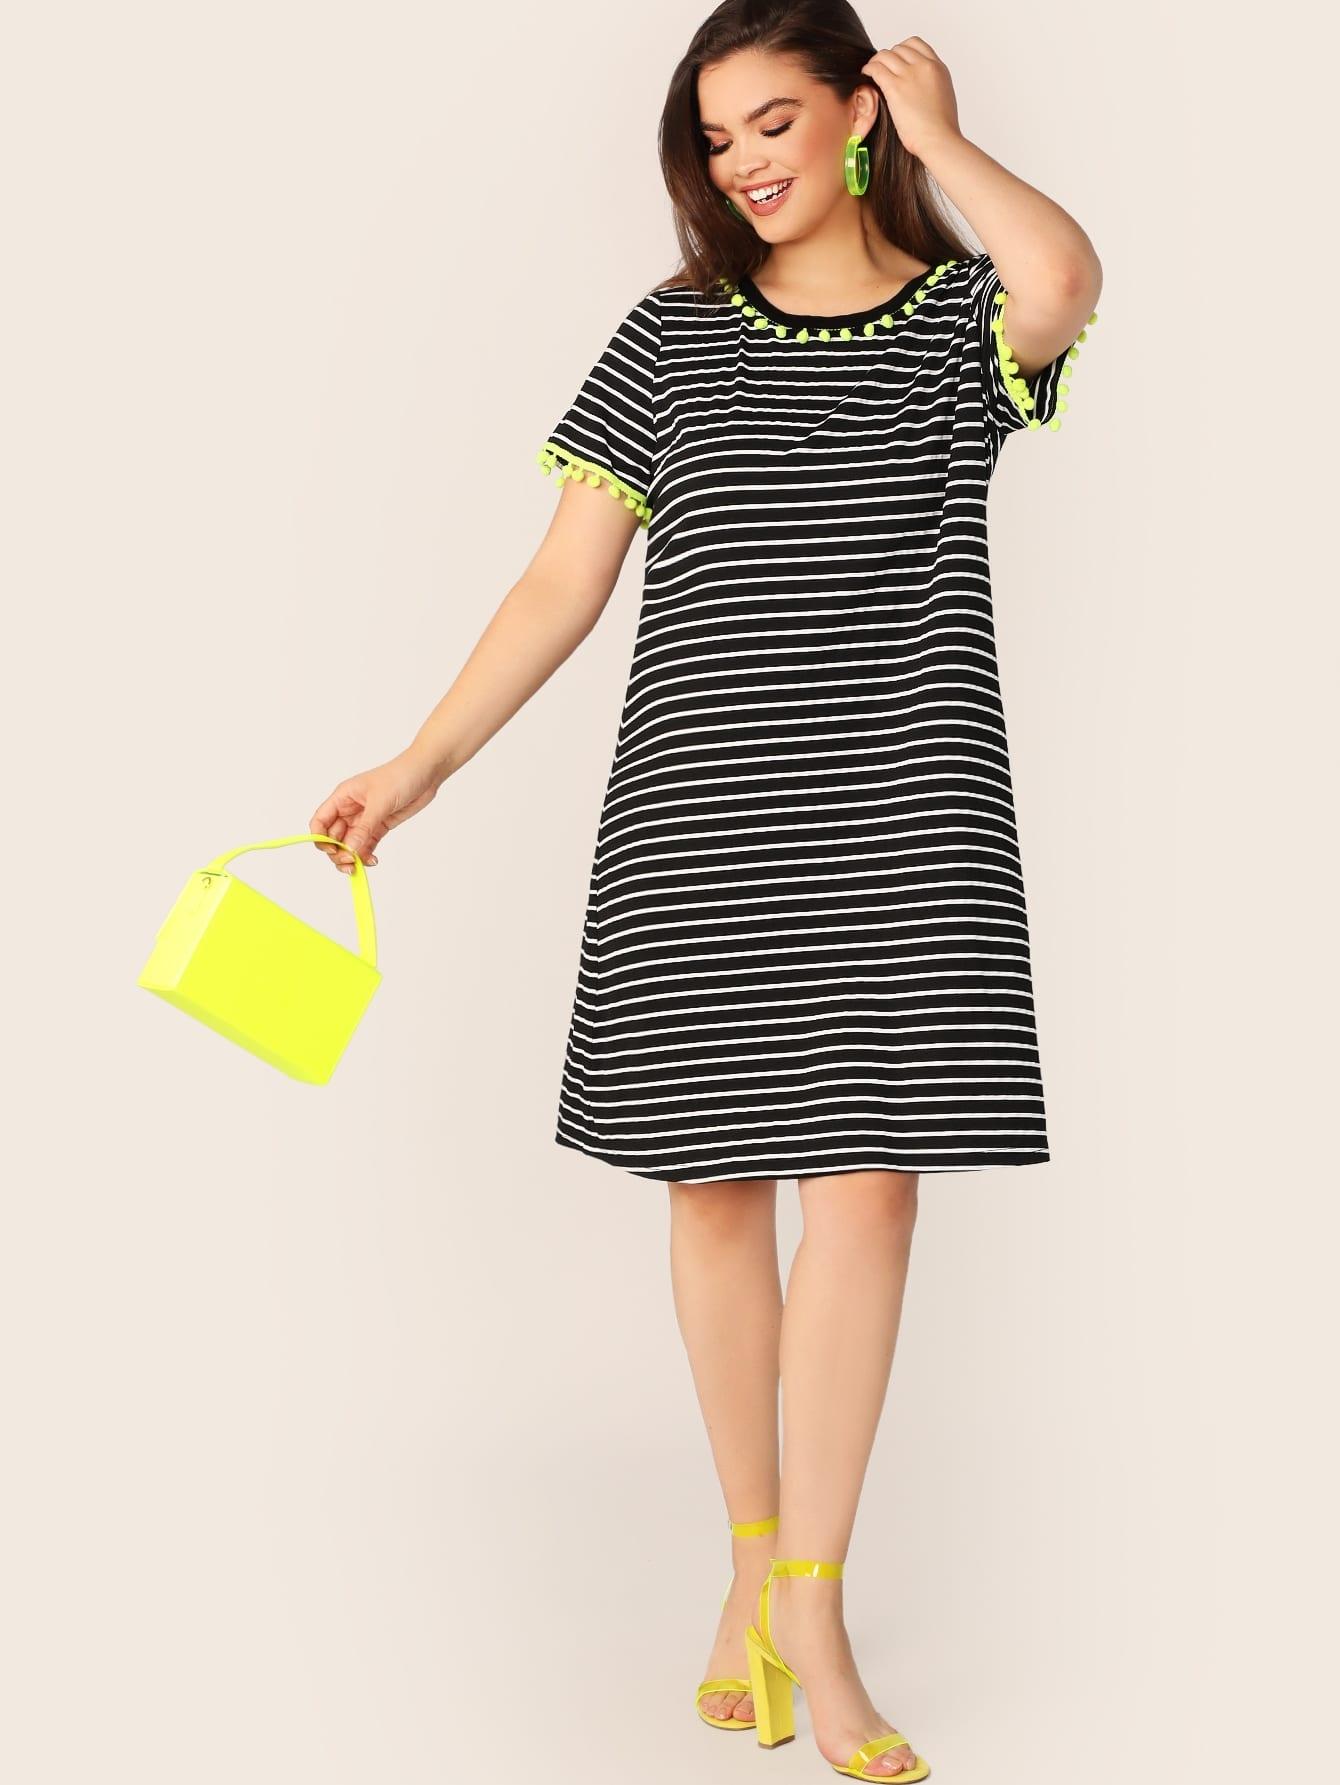 Фото - Полосатое платье-футболка с помпоном размера плюс от SheIn цвет чёрнобелые